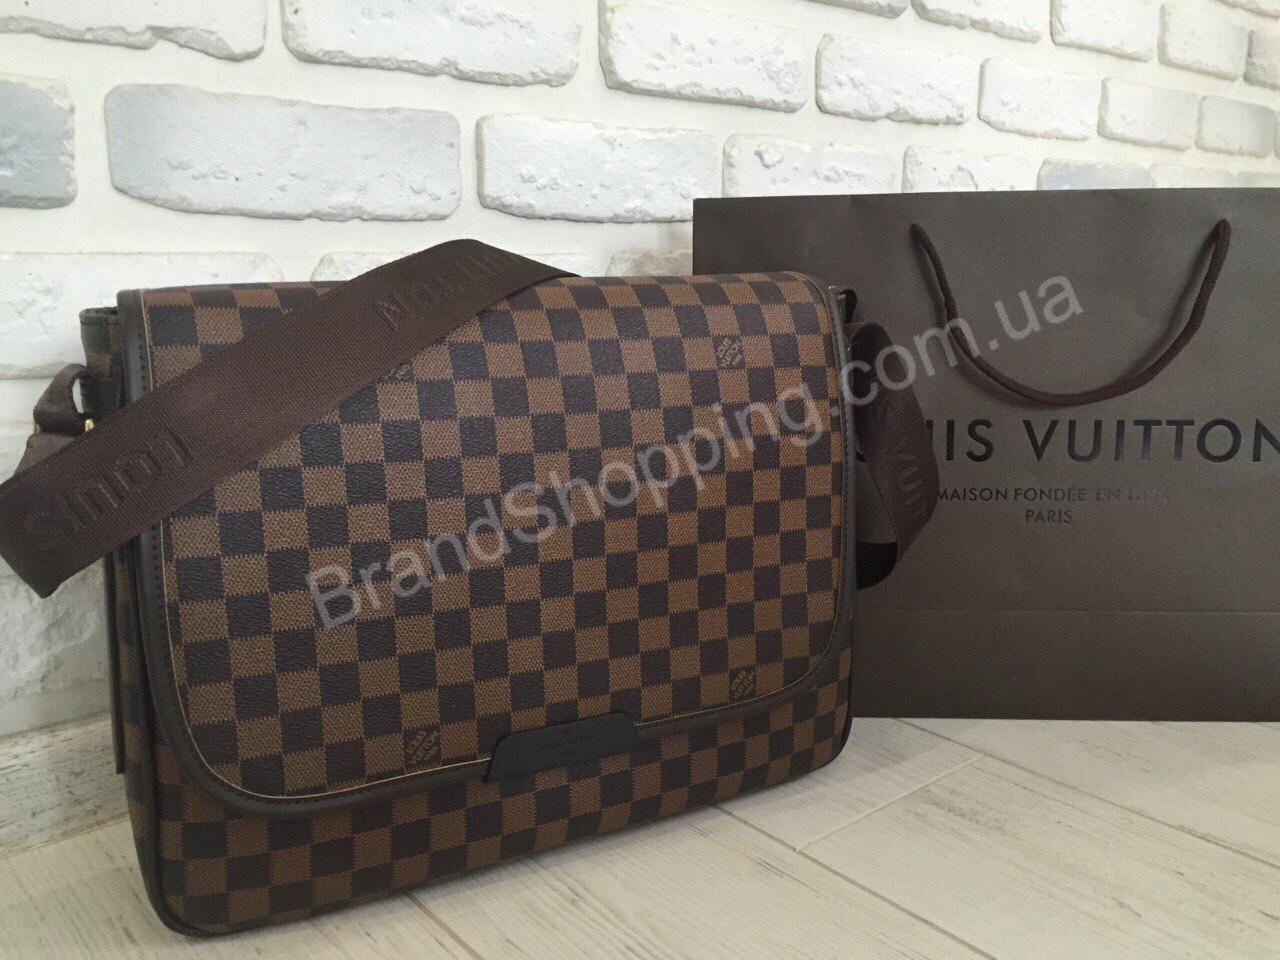 76e252840ff0 Мужской портфель Louis Vuitton 0366s - купить по лучшей цене в ...